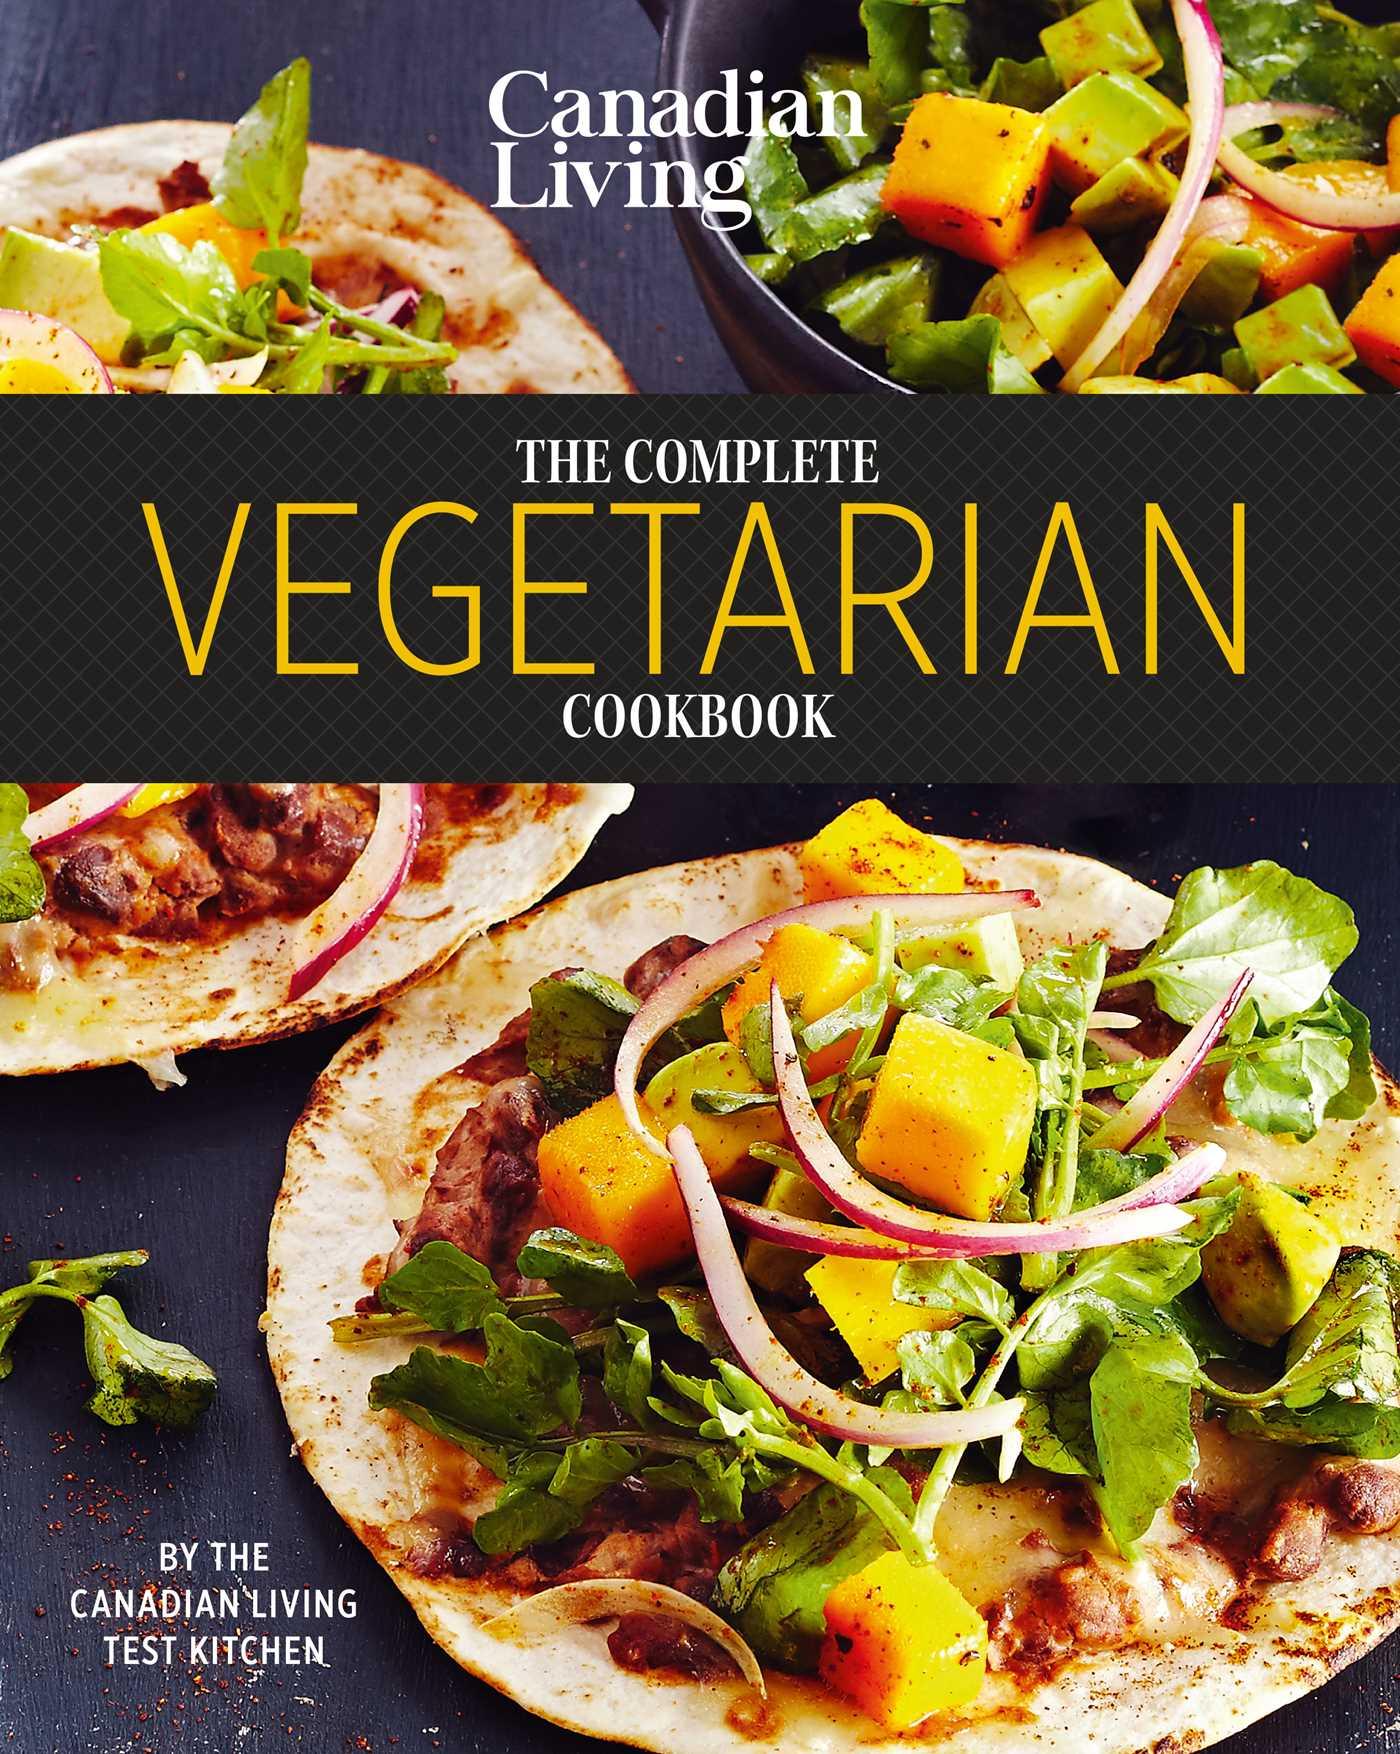 Canadian living complete vegetarian 9781988002750 hr